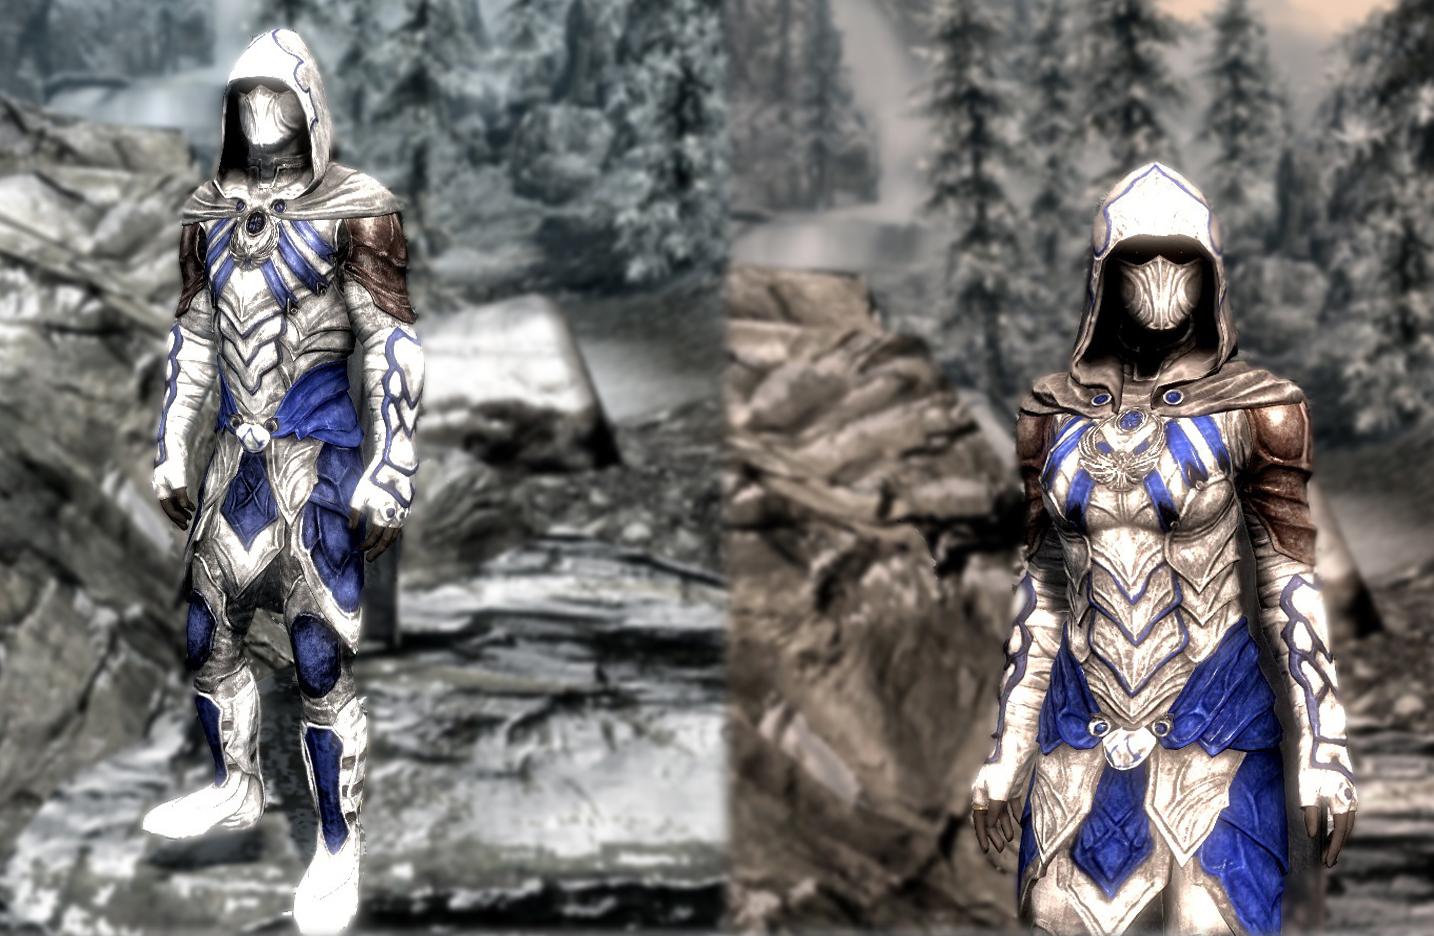 Skyrim Assassin Armor Mods Creed Skyrim Armor Mod